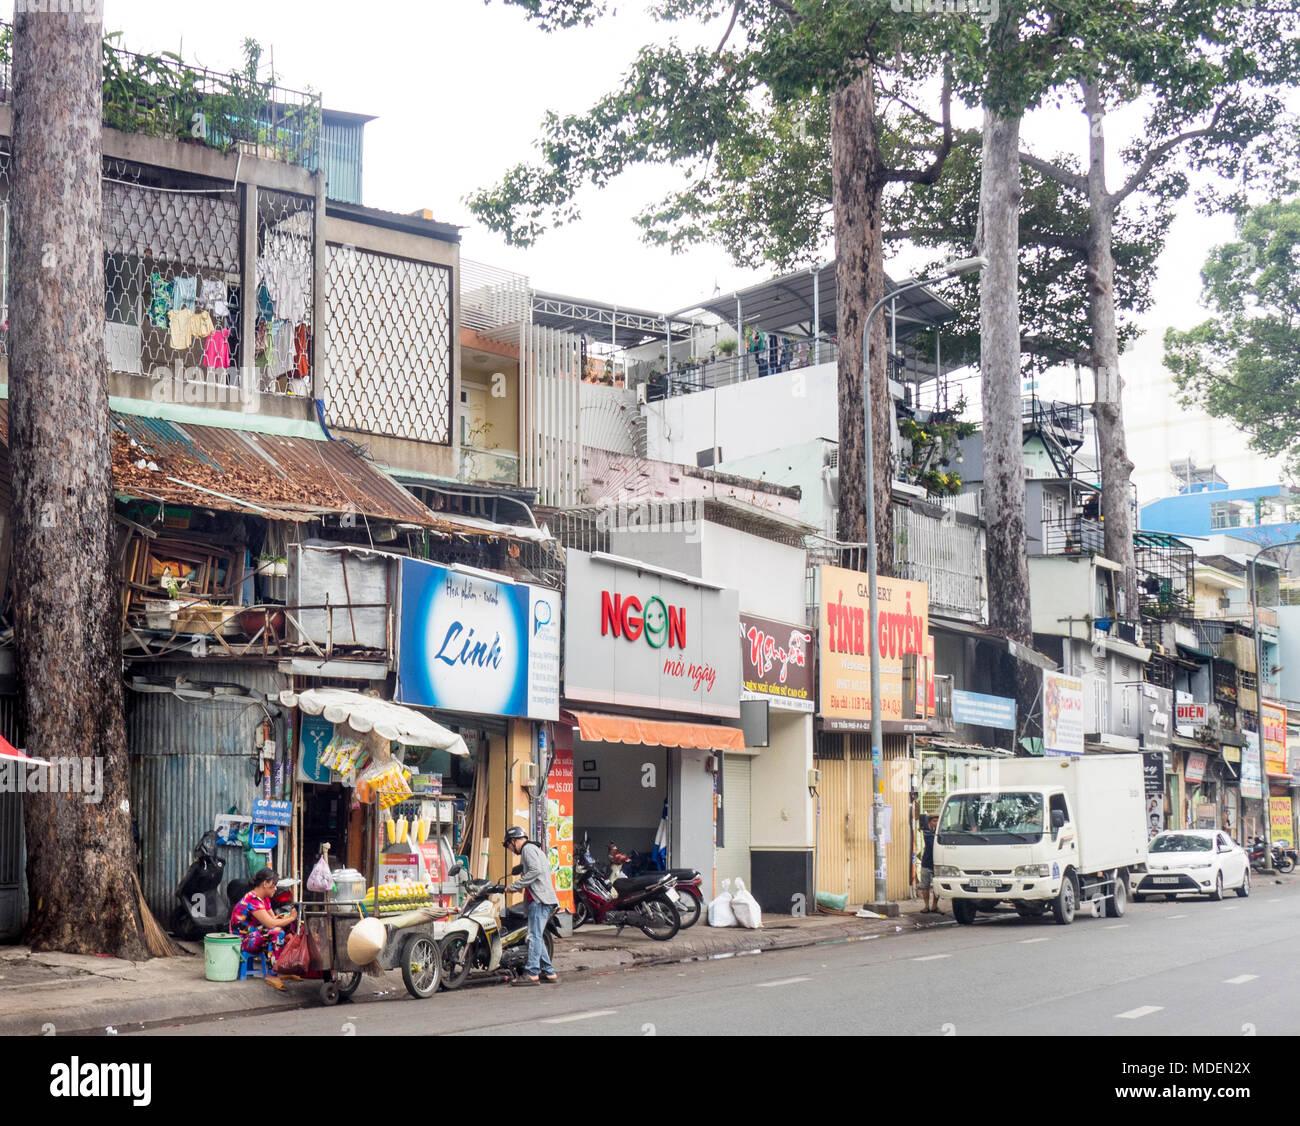 Straßenbild aus einer Reihe von Geschäftshäusern und Street Food Anbieter auf einer von Bäumen gesäumten Straße in Ho Chi Minh City, Vietnam. Stockbild